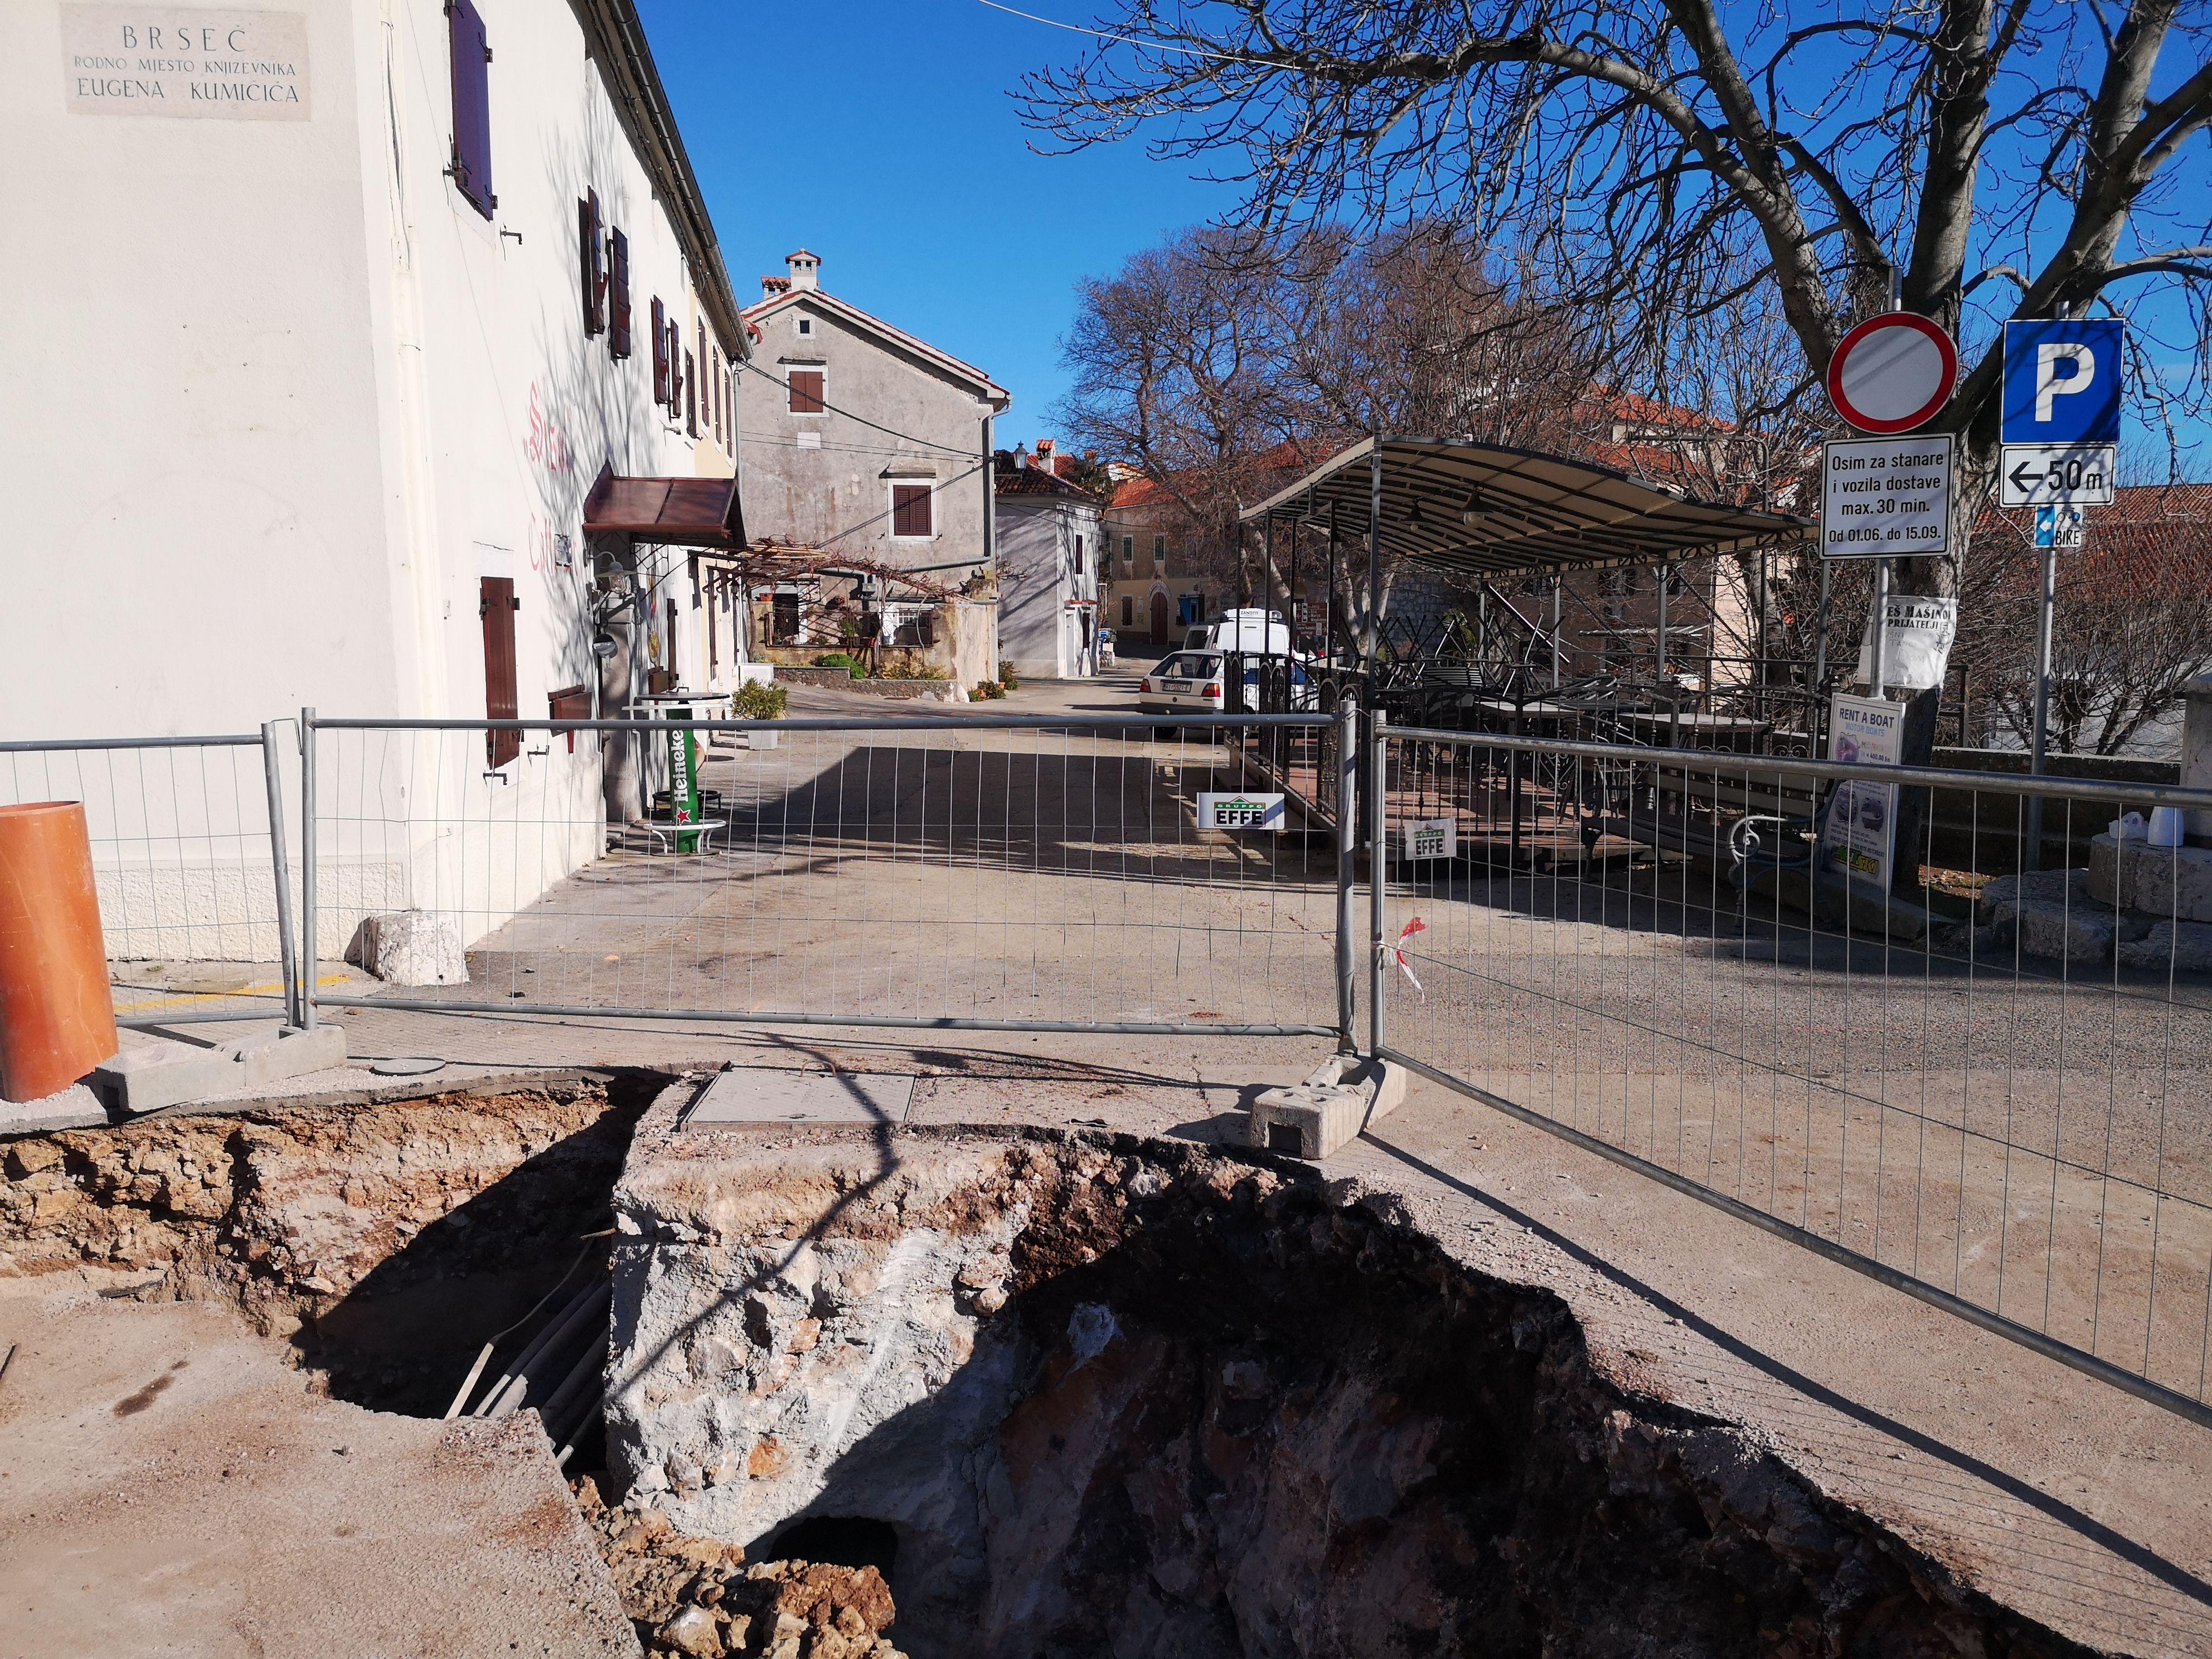 Vodovodno-kanalizacijski radovi su u tijeku u samoj staroj jezgri Brseča / Snimila Marina KIRIGIN